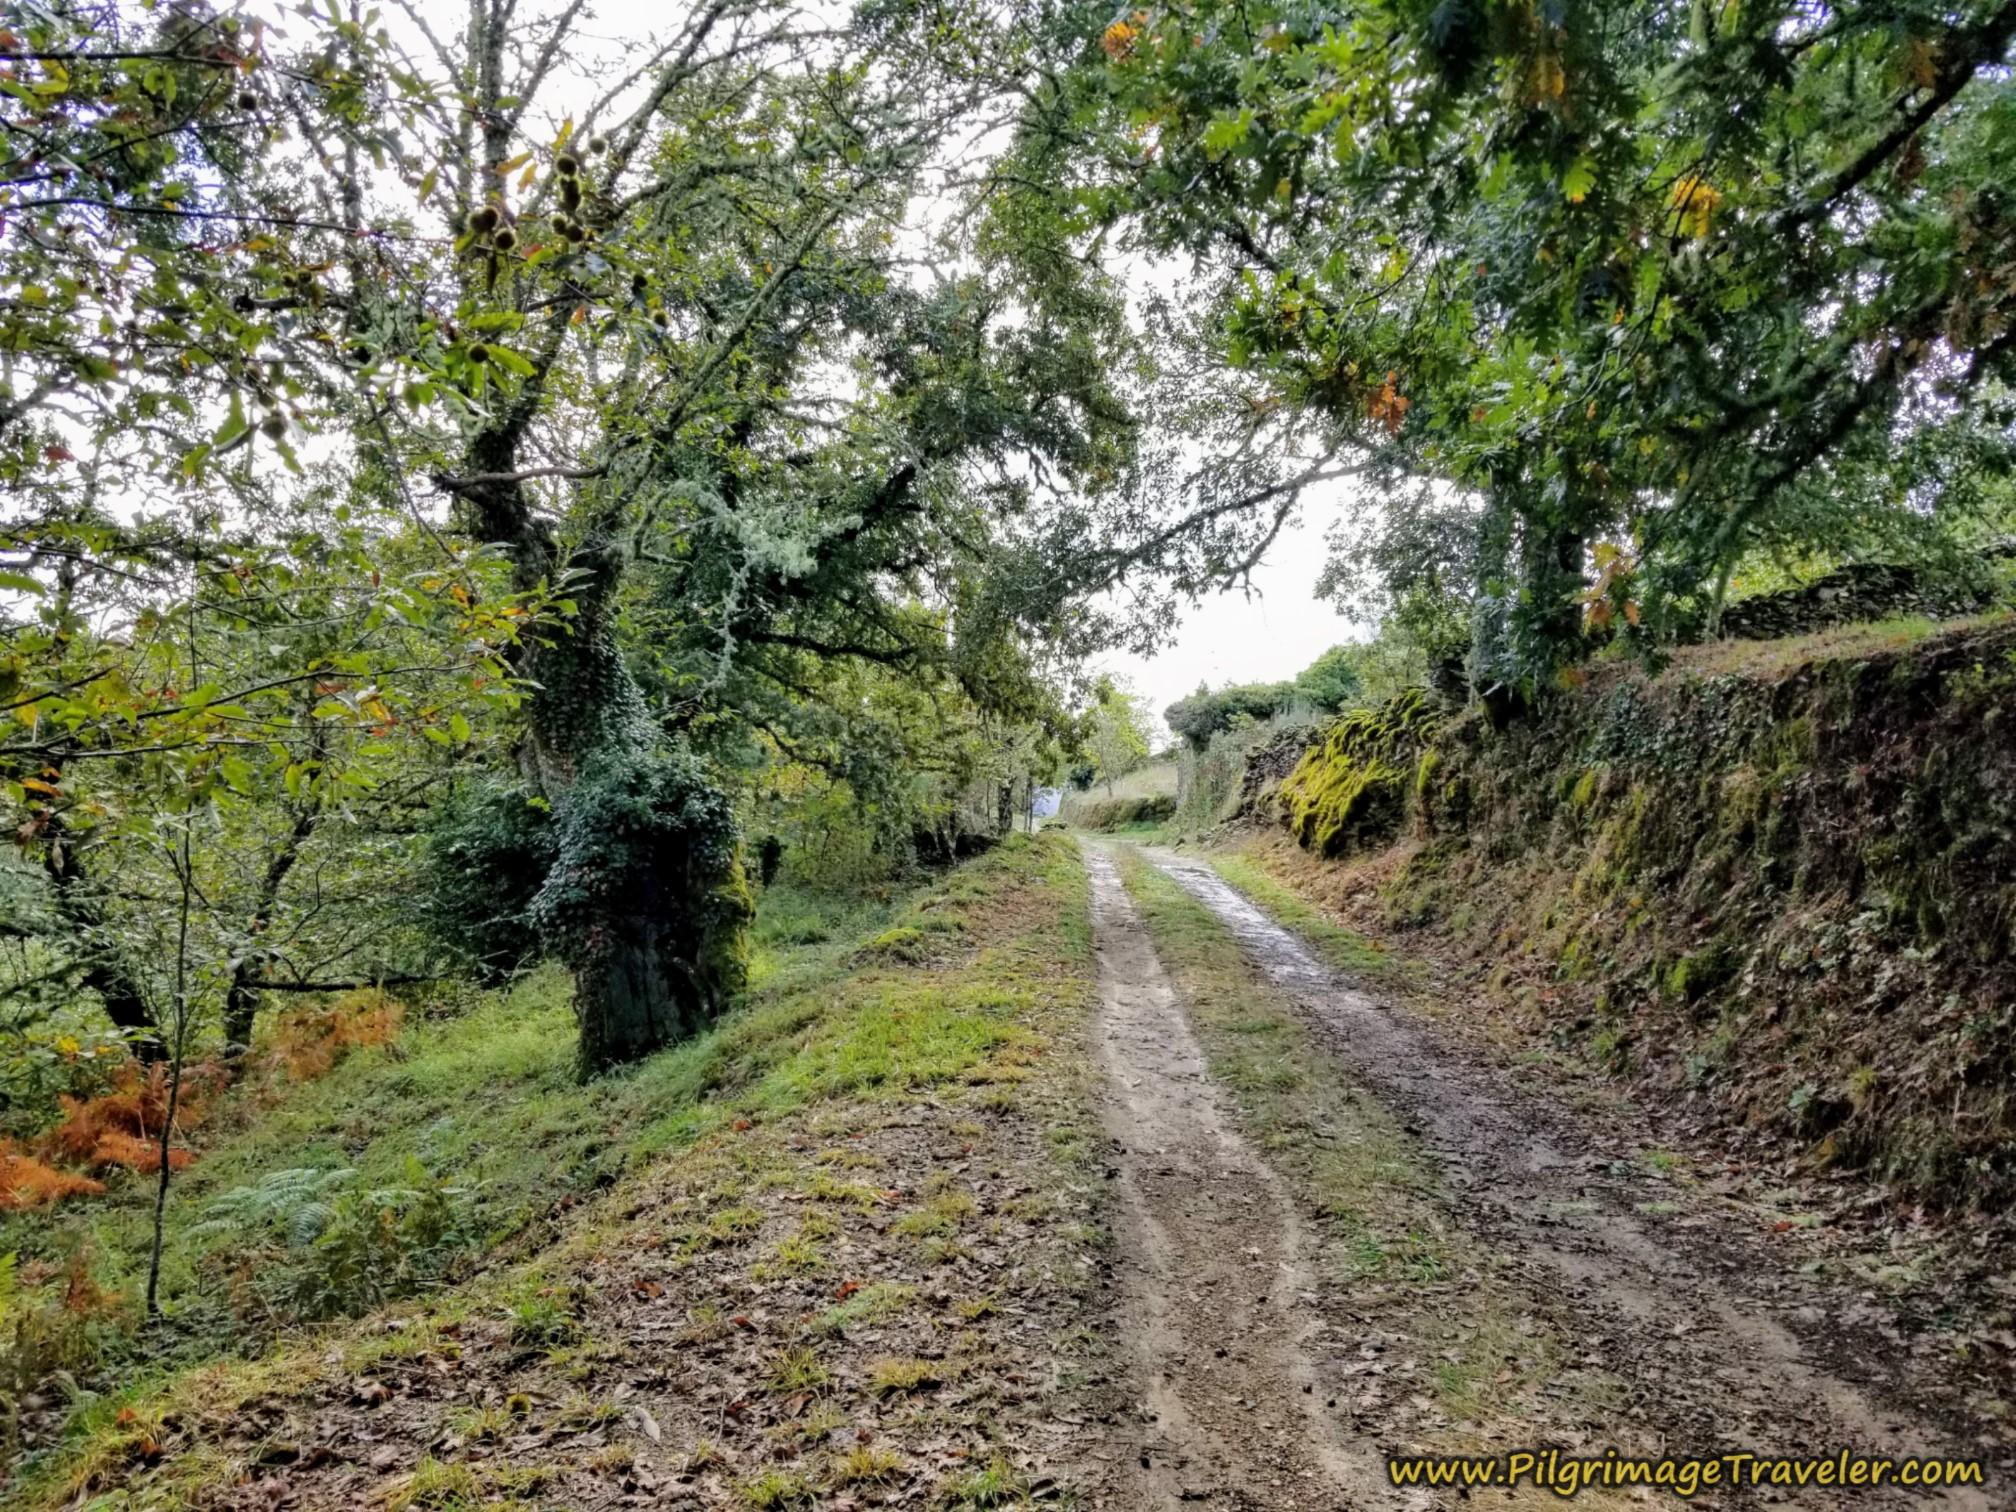 Road Towards As Eiras on the Camino Sanabrés from to A Venda da Capela to A Laza